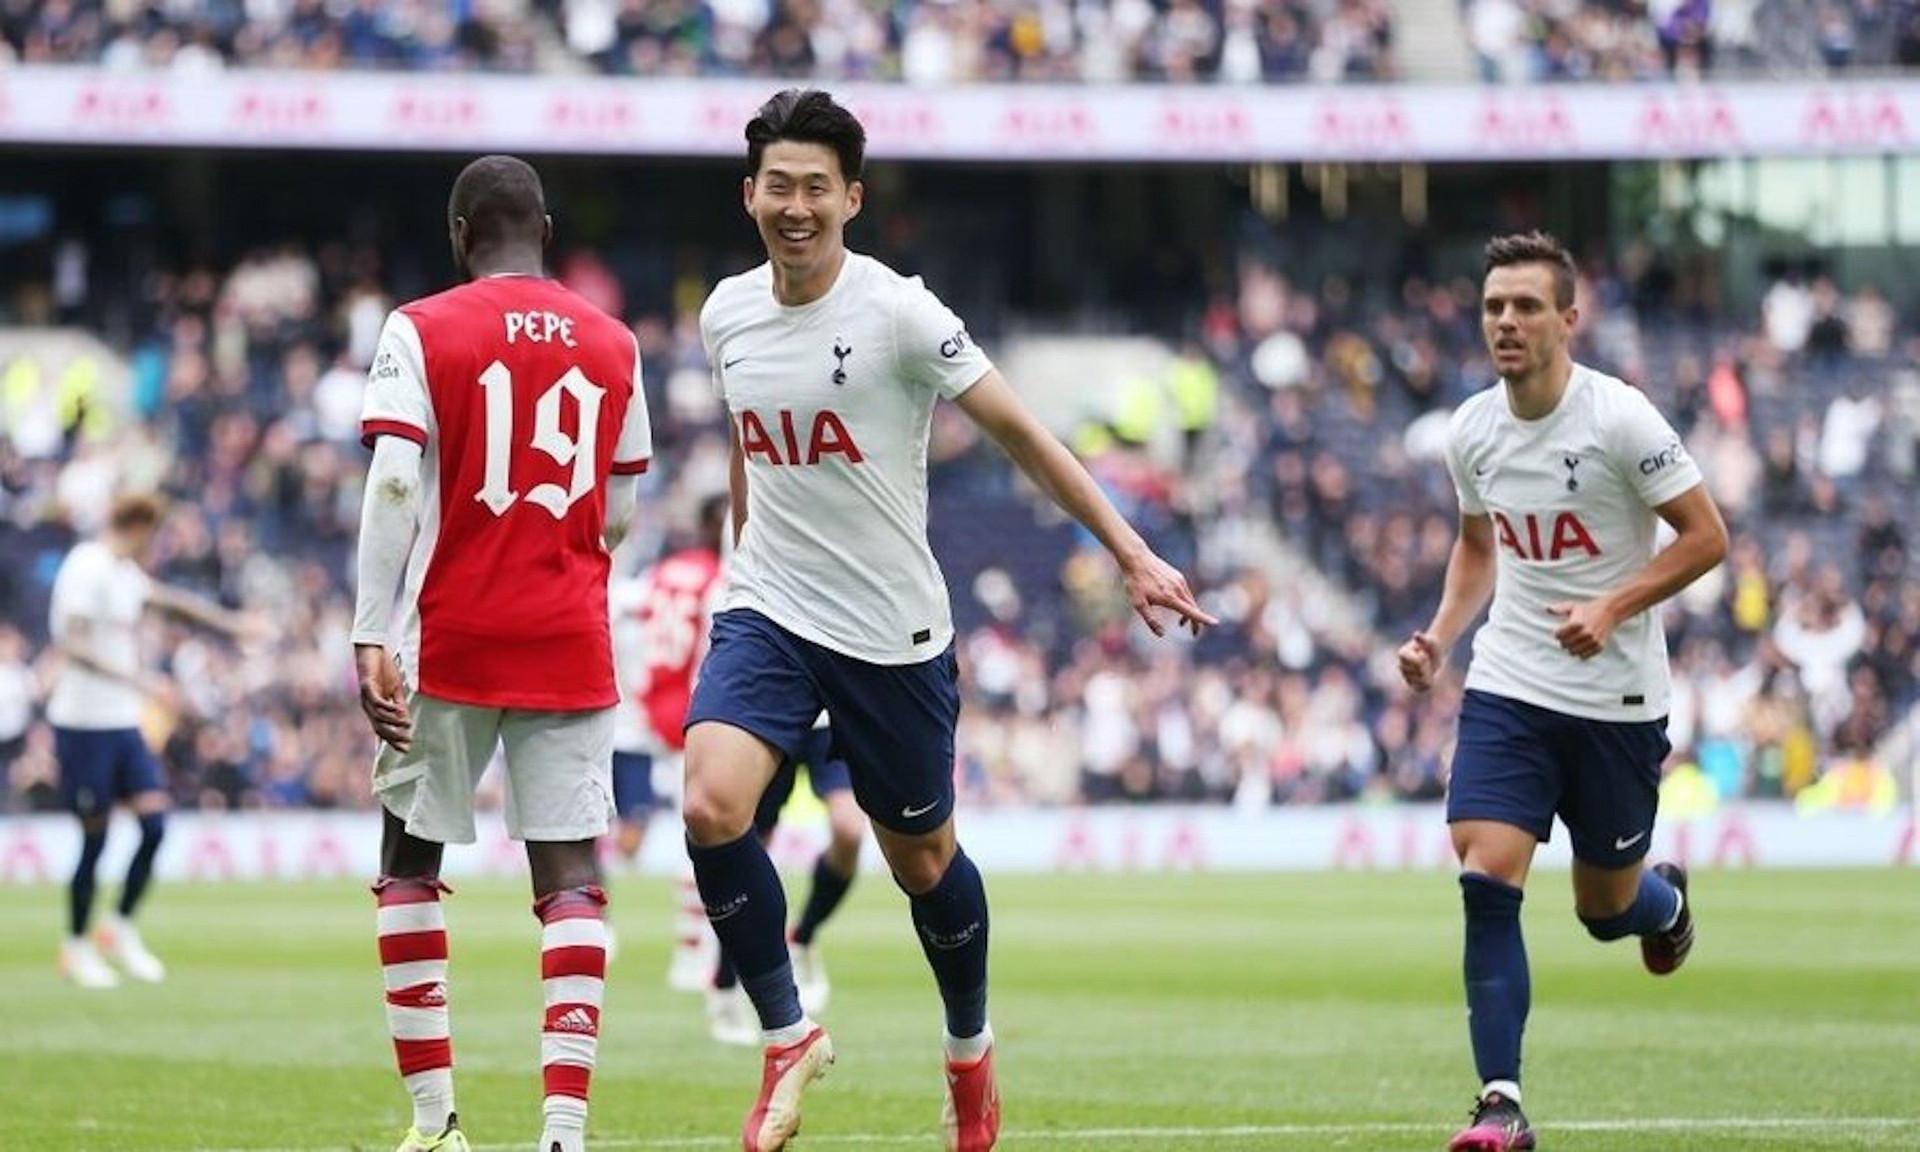 Nhận định bóng đá Tottenham vs Man City đại chiến vòng 1 Ngoại hạng Anh  - 3